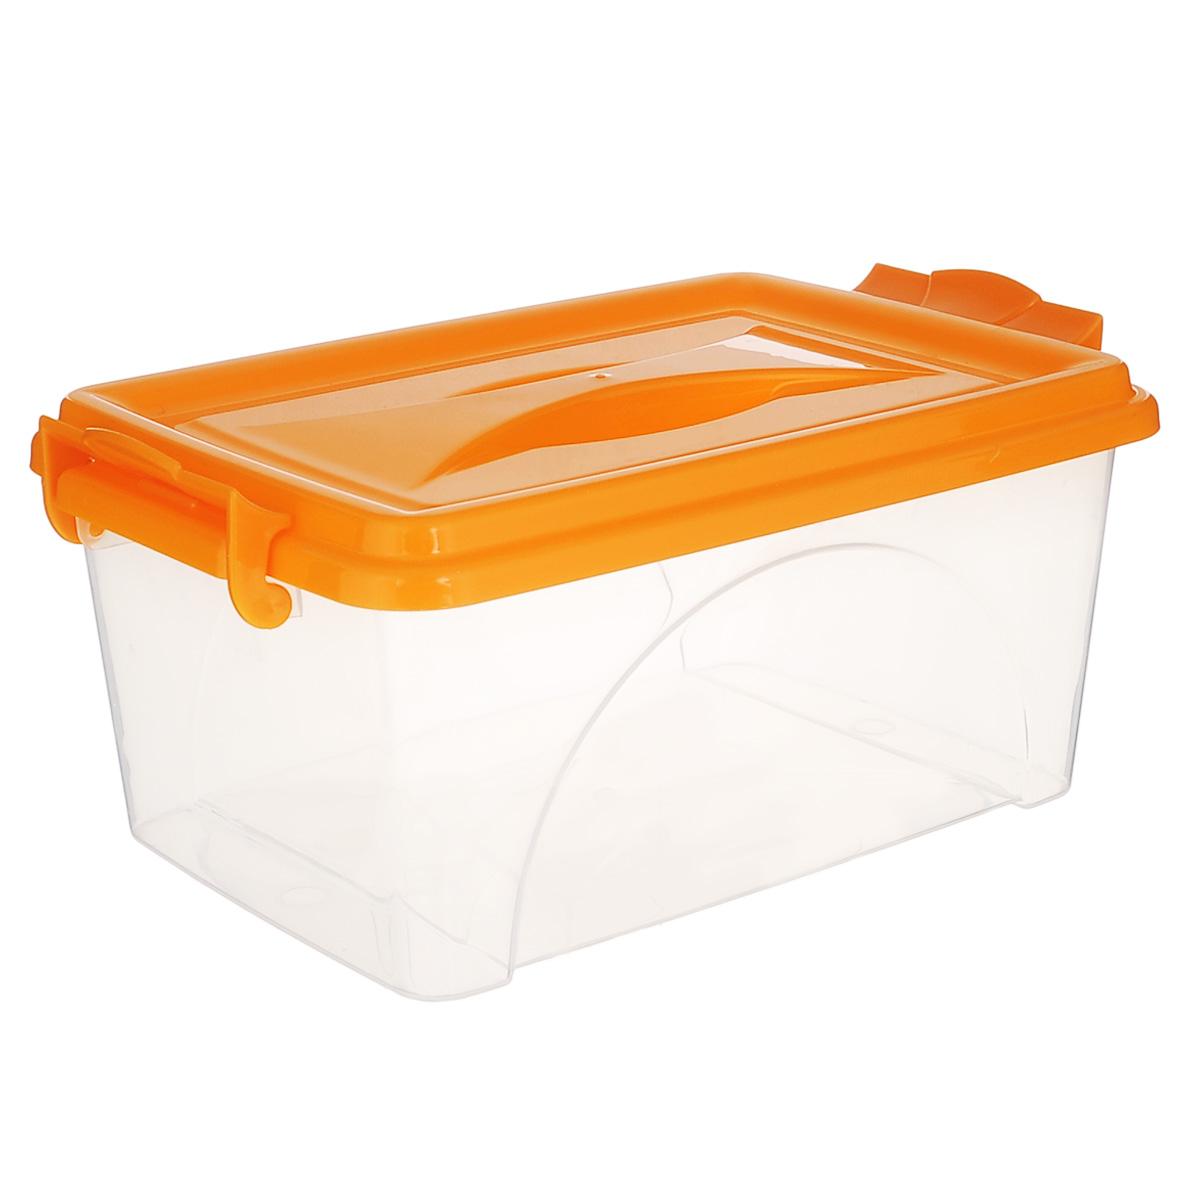 Контейнер Альтернатива, цвет: оранжевый, 30,5 х 20 х 13,5 смМ419Контейнер Альтернатива выполнен из прочного пластика. Он предназначен для хранения различных бытовых вещей и продуктов. Контейнер оснащен по бокам ручками, которые плотно закрывают крышку контейнера. Также на крышке имеется ручка для удобной переноски. Контейнер поможет хранить все в одном месте, он защитит вещи от пыли, грязи и влаги.